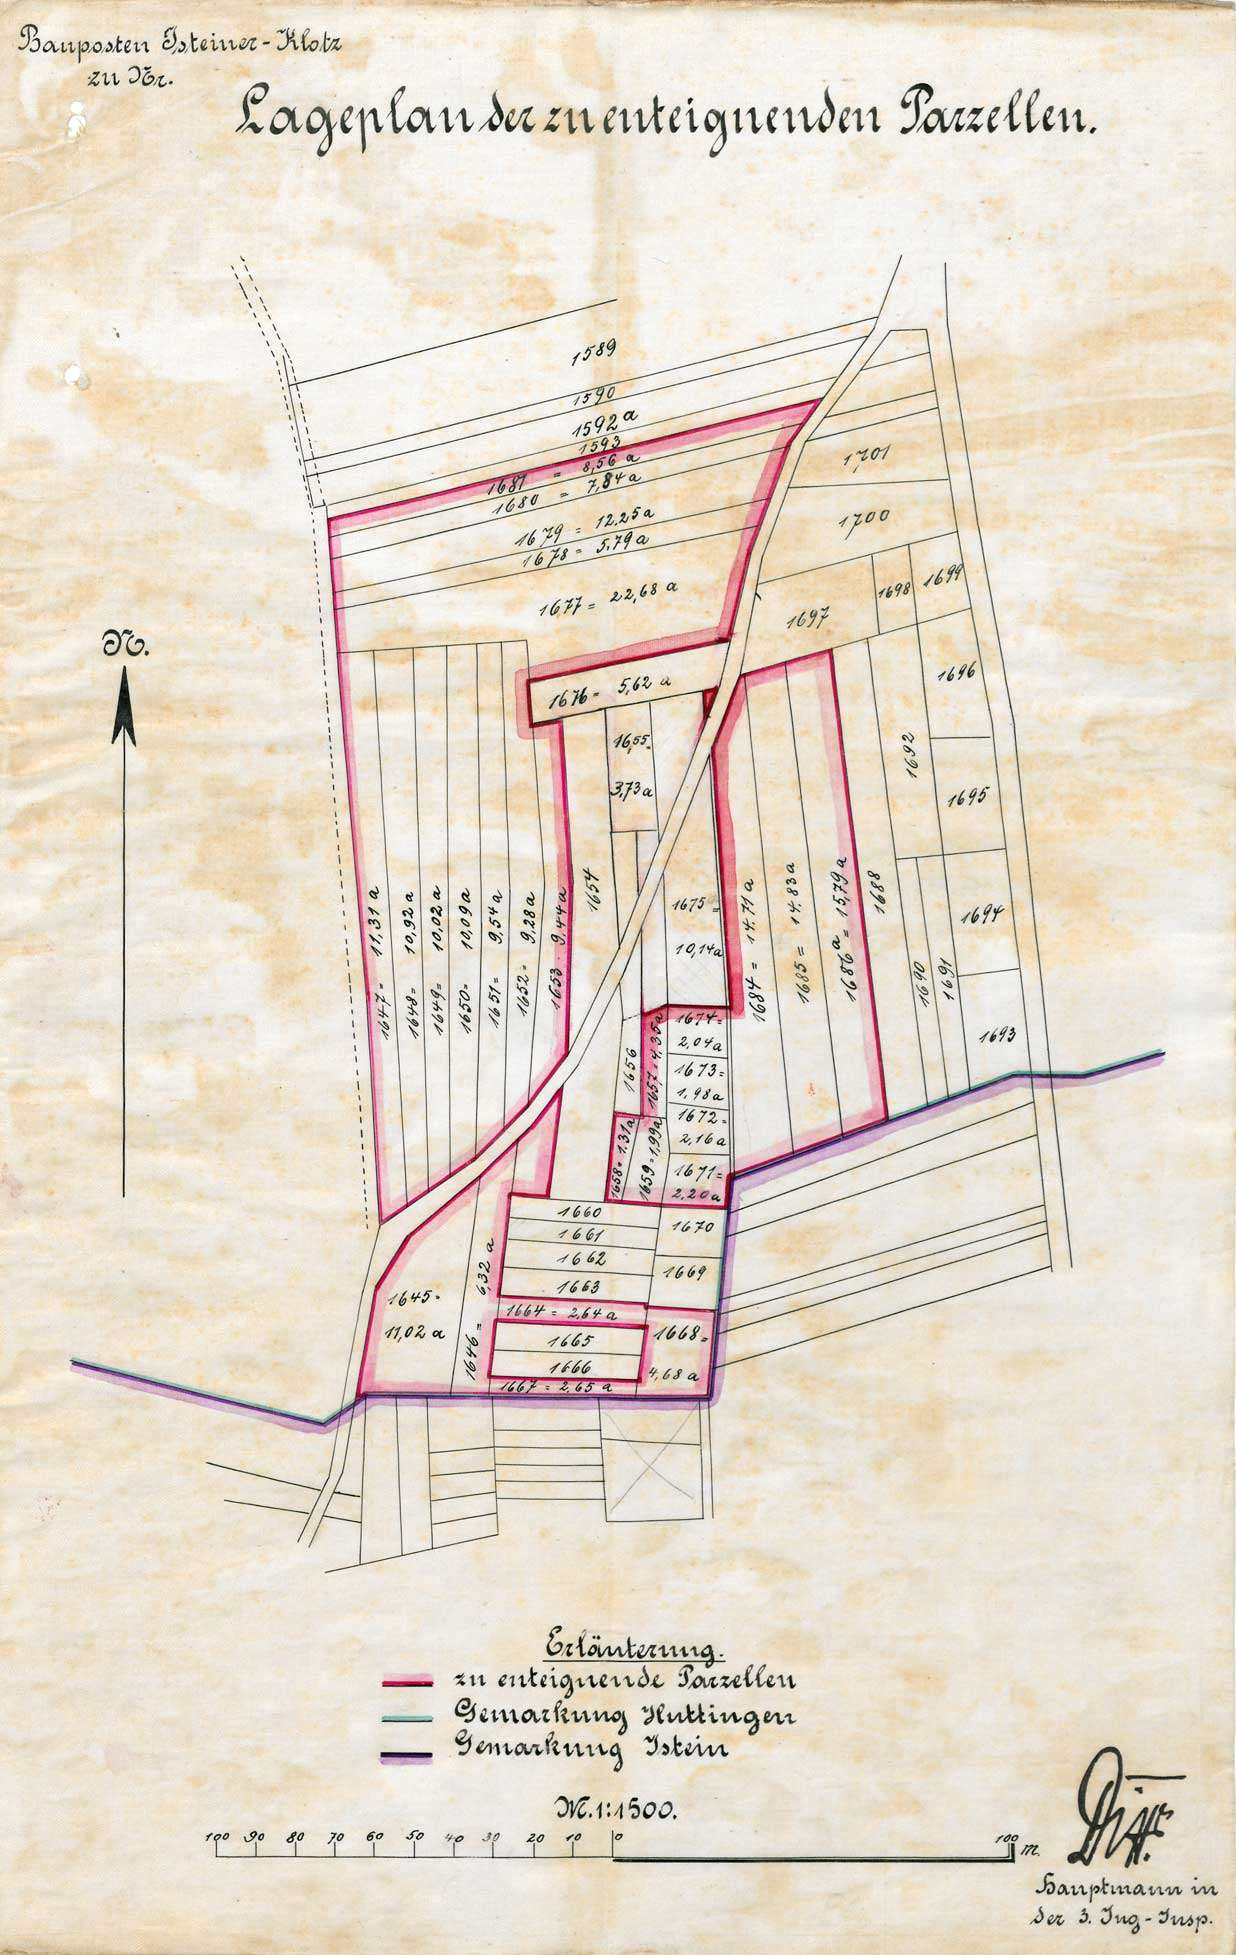 Enteignung von Grundstücken in Huttingen zum Zweck des Festungsbaus auf dem Isteiner Klotz, Bild 1